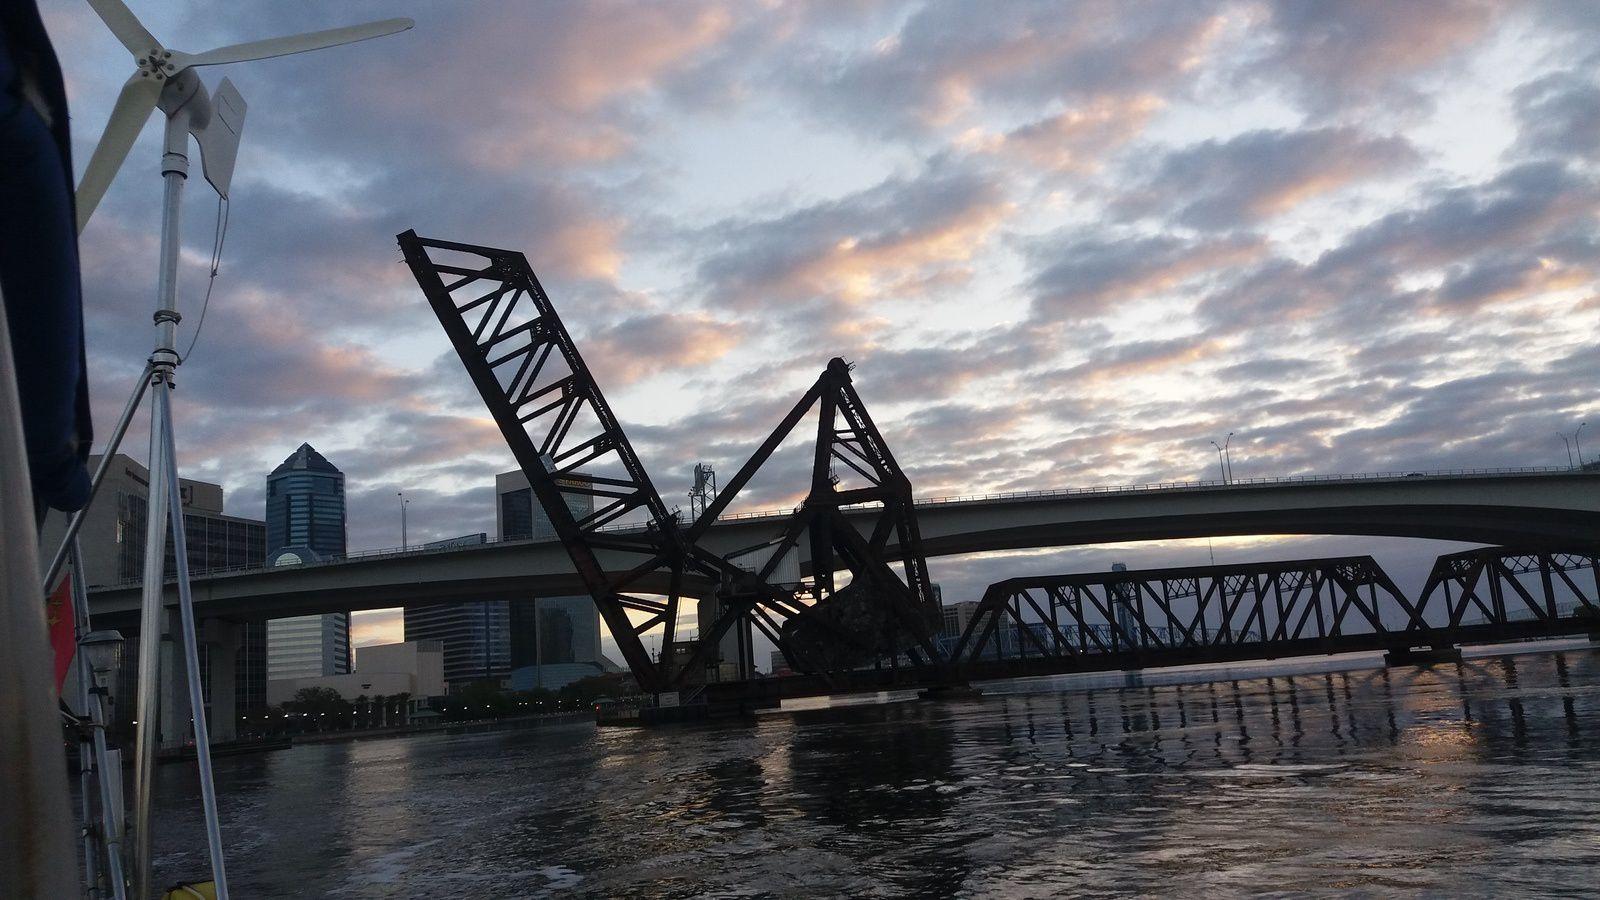 Pont de voie ferrée à Jacksonville, est abaissé uniquement lors du passage des convois